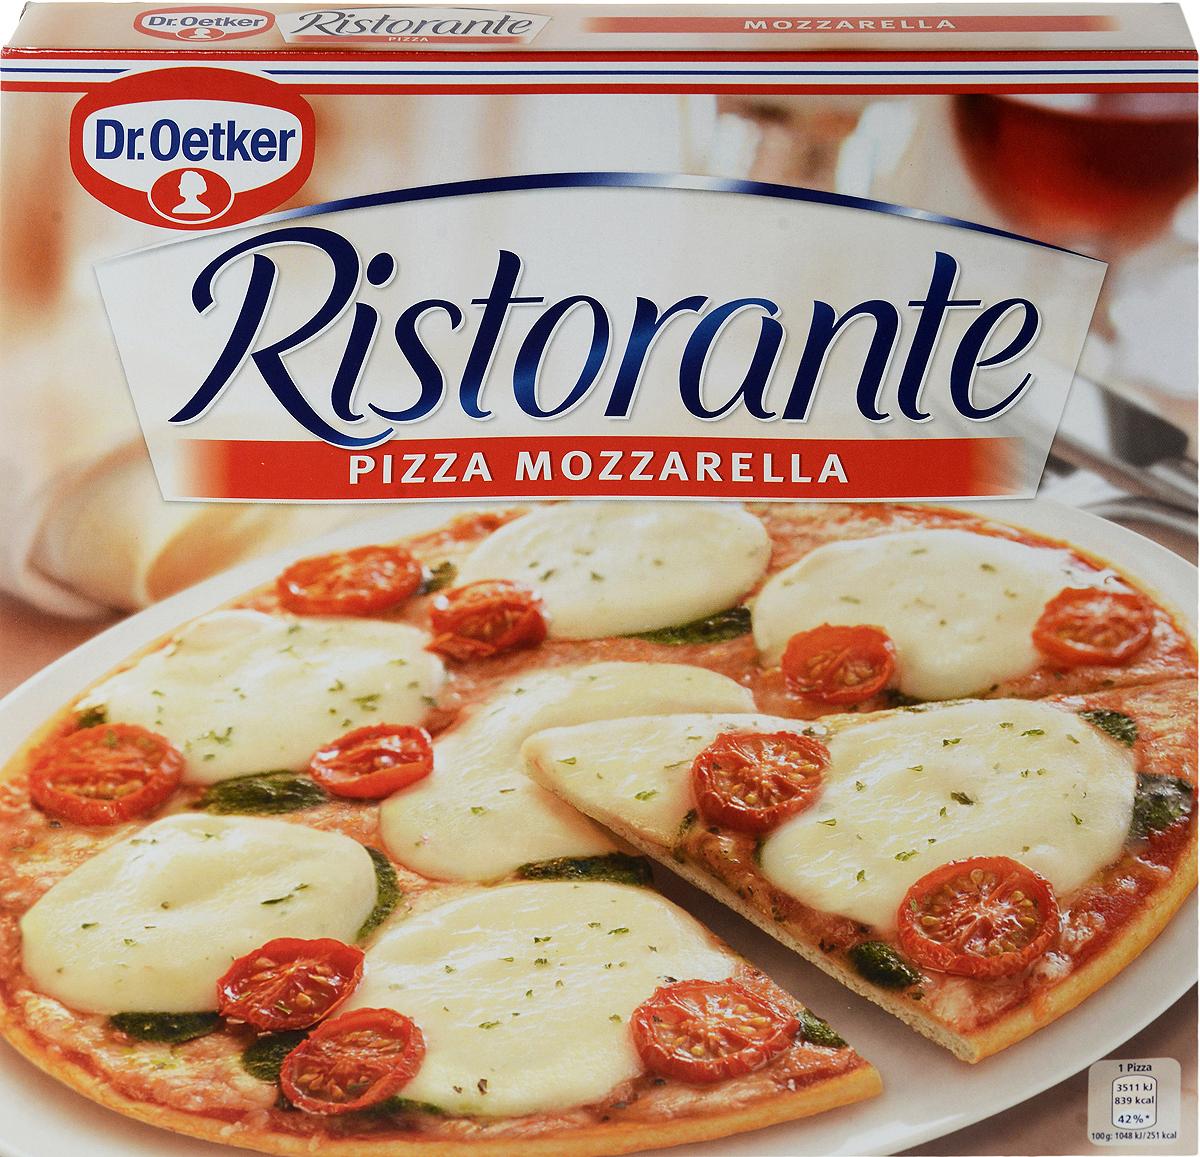 Dr.Oetker Пицца Ristorante Моццарелла, 335 г